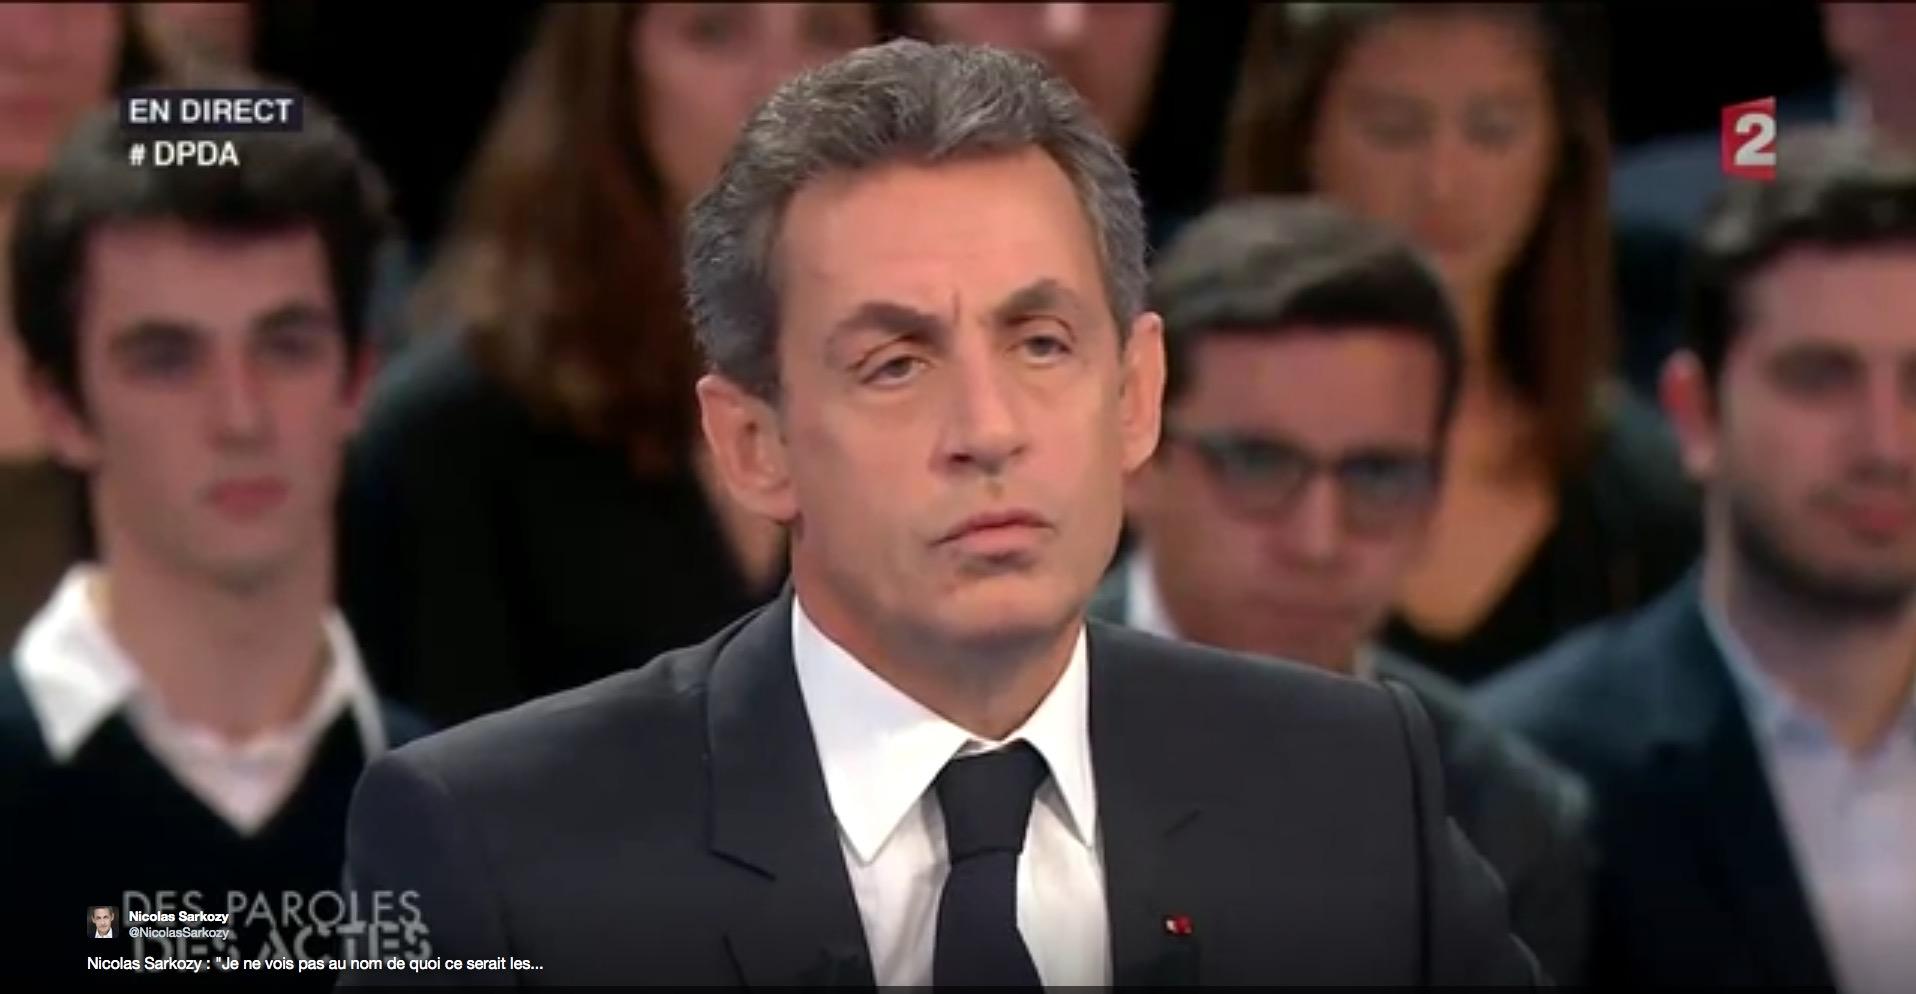 Sarkozy à DPDA : France 2 coupe le micro d'un syndicaliste